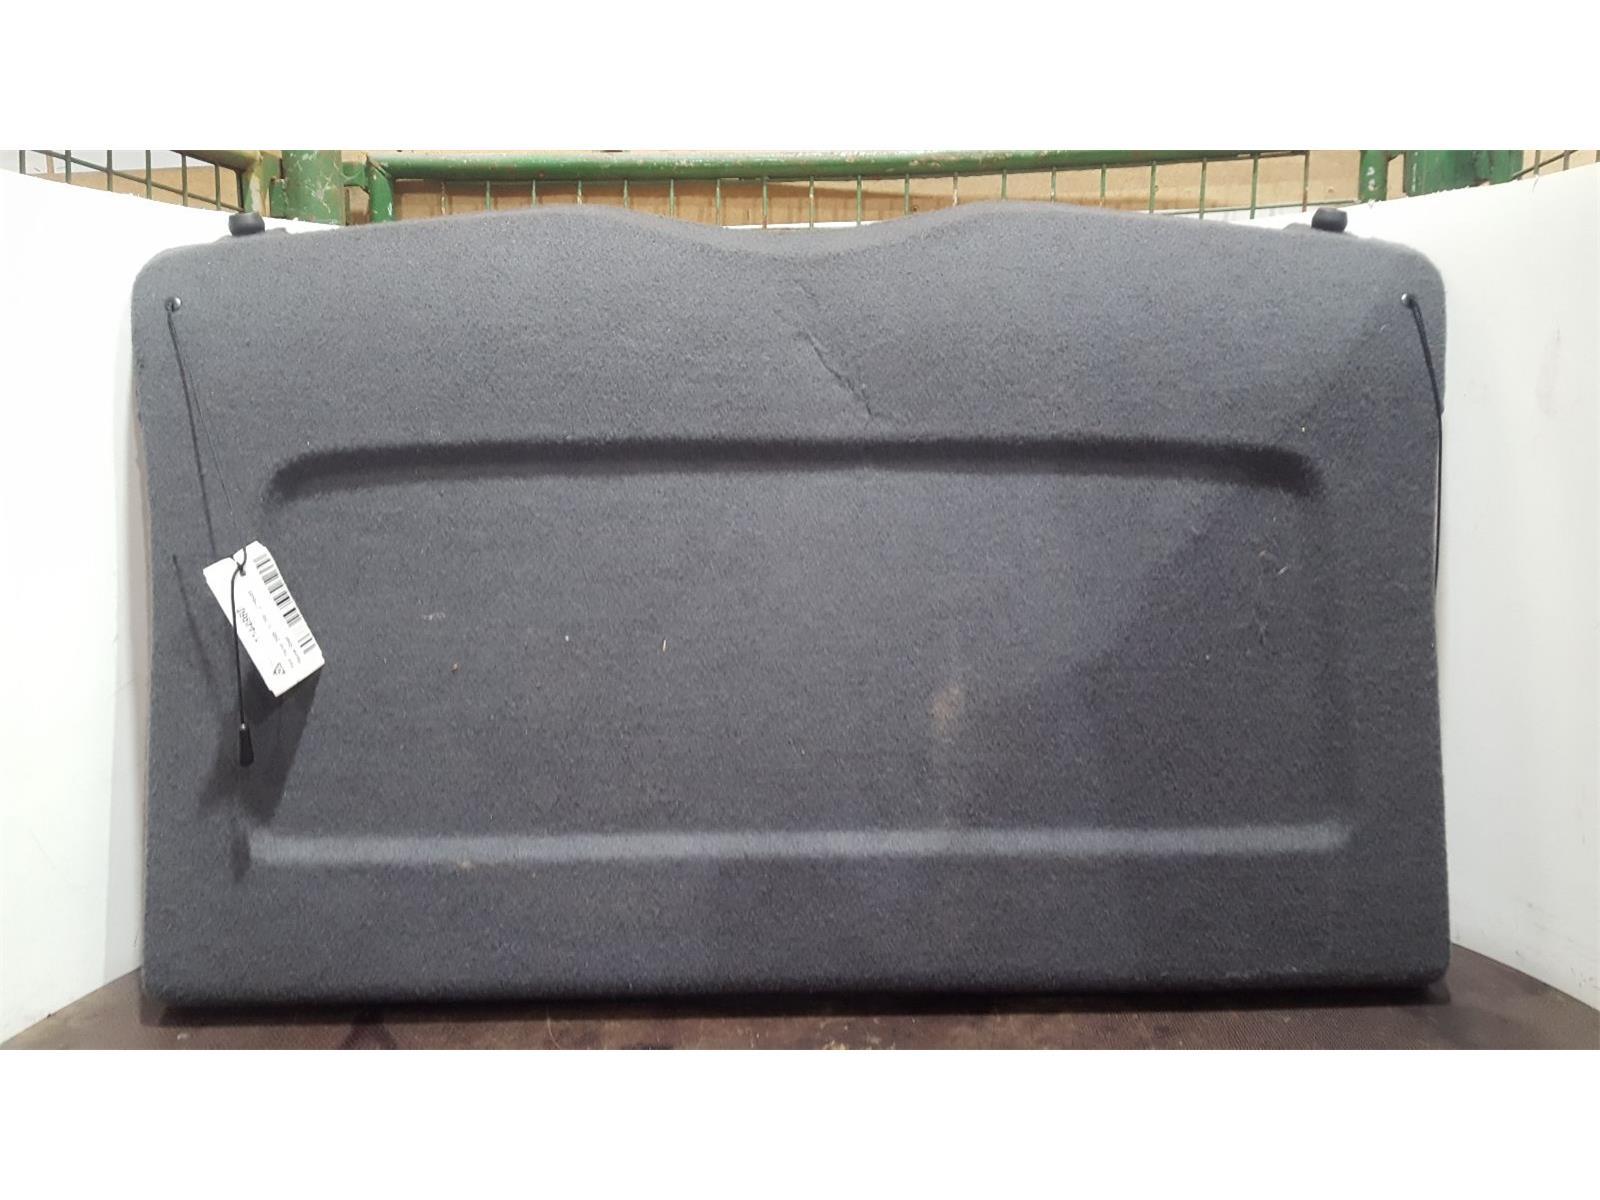 Ford Focus 2005 To 2007 5 Door Hatchback Load Cover Parcel Shelf